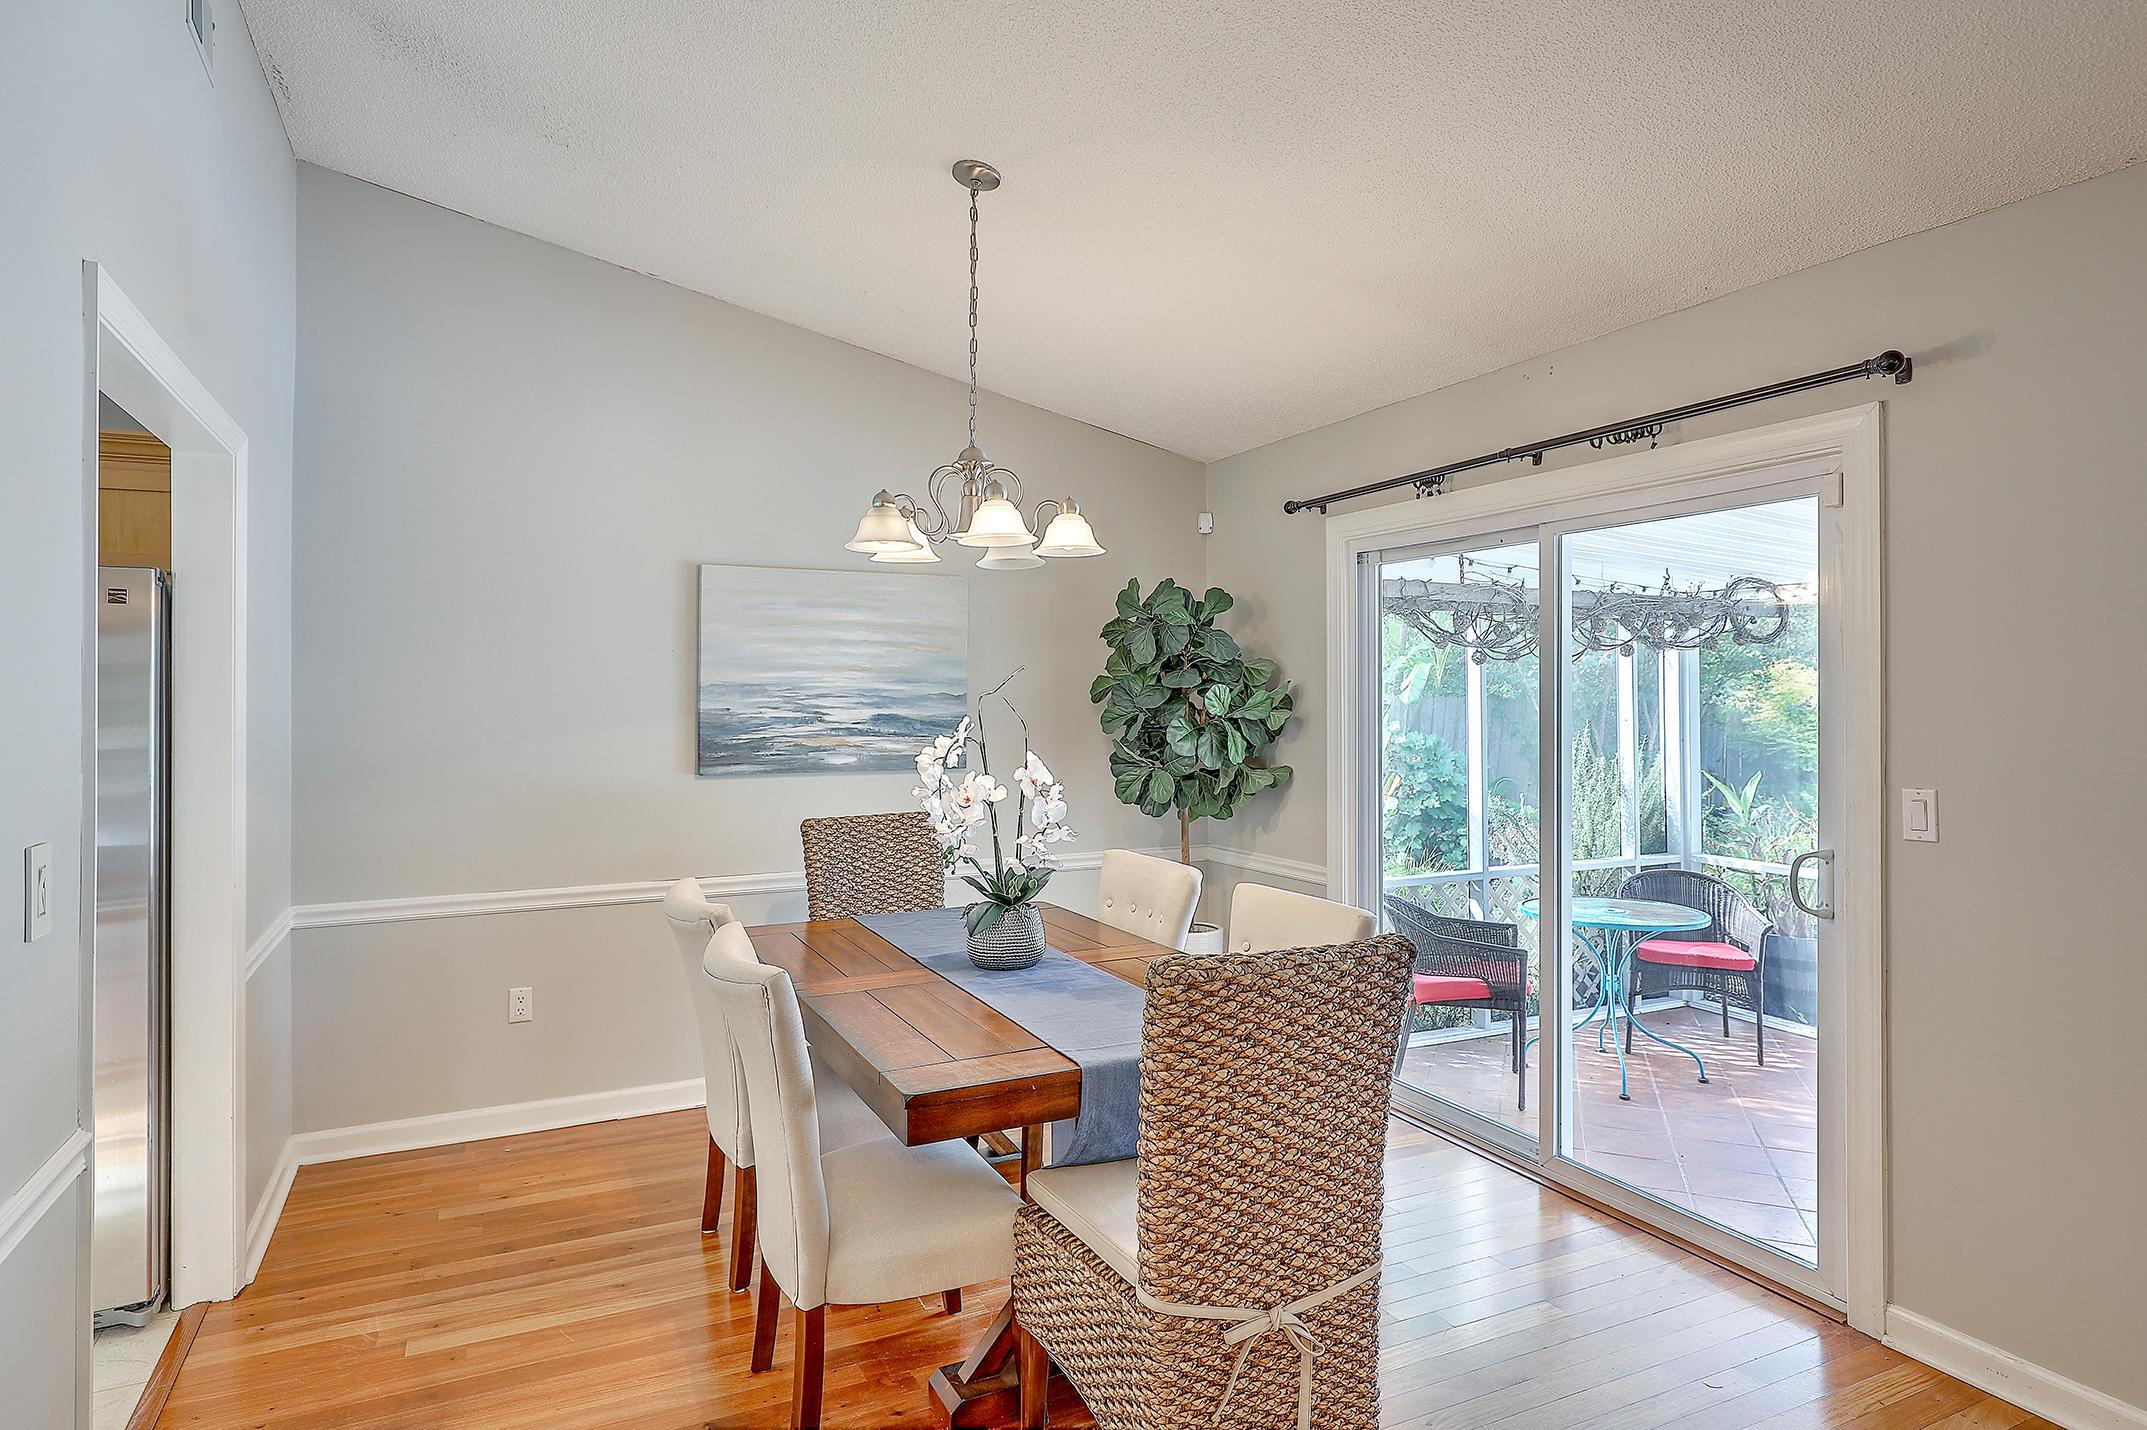 Coopers Landing Homes For Sale - 1474 Hidden Bridge, Mount Pleasant, SC - 0